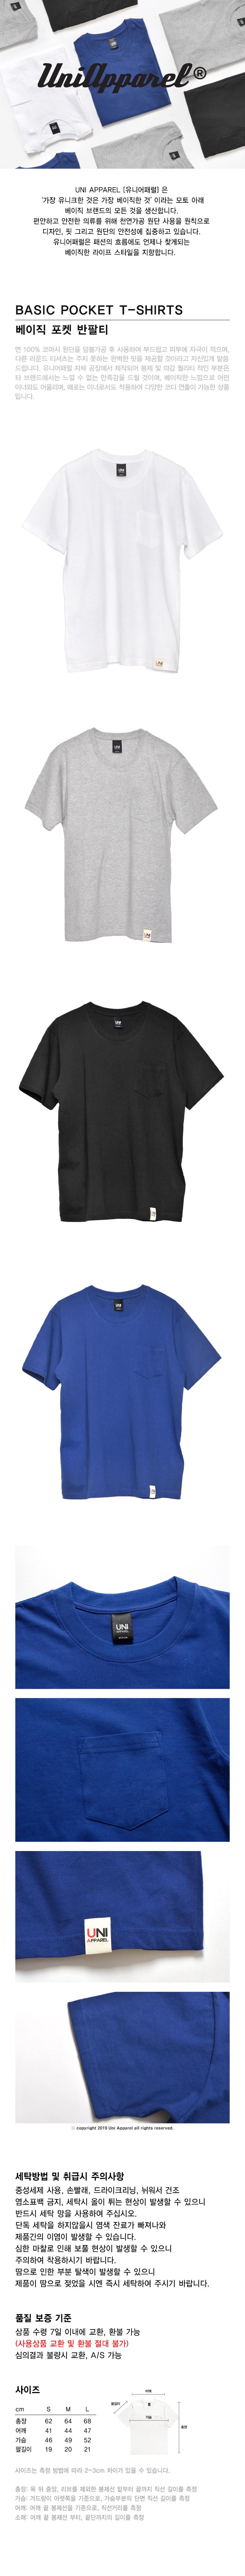 basic-pocket-tee-package.jpg